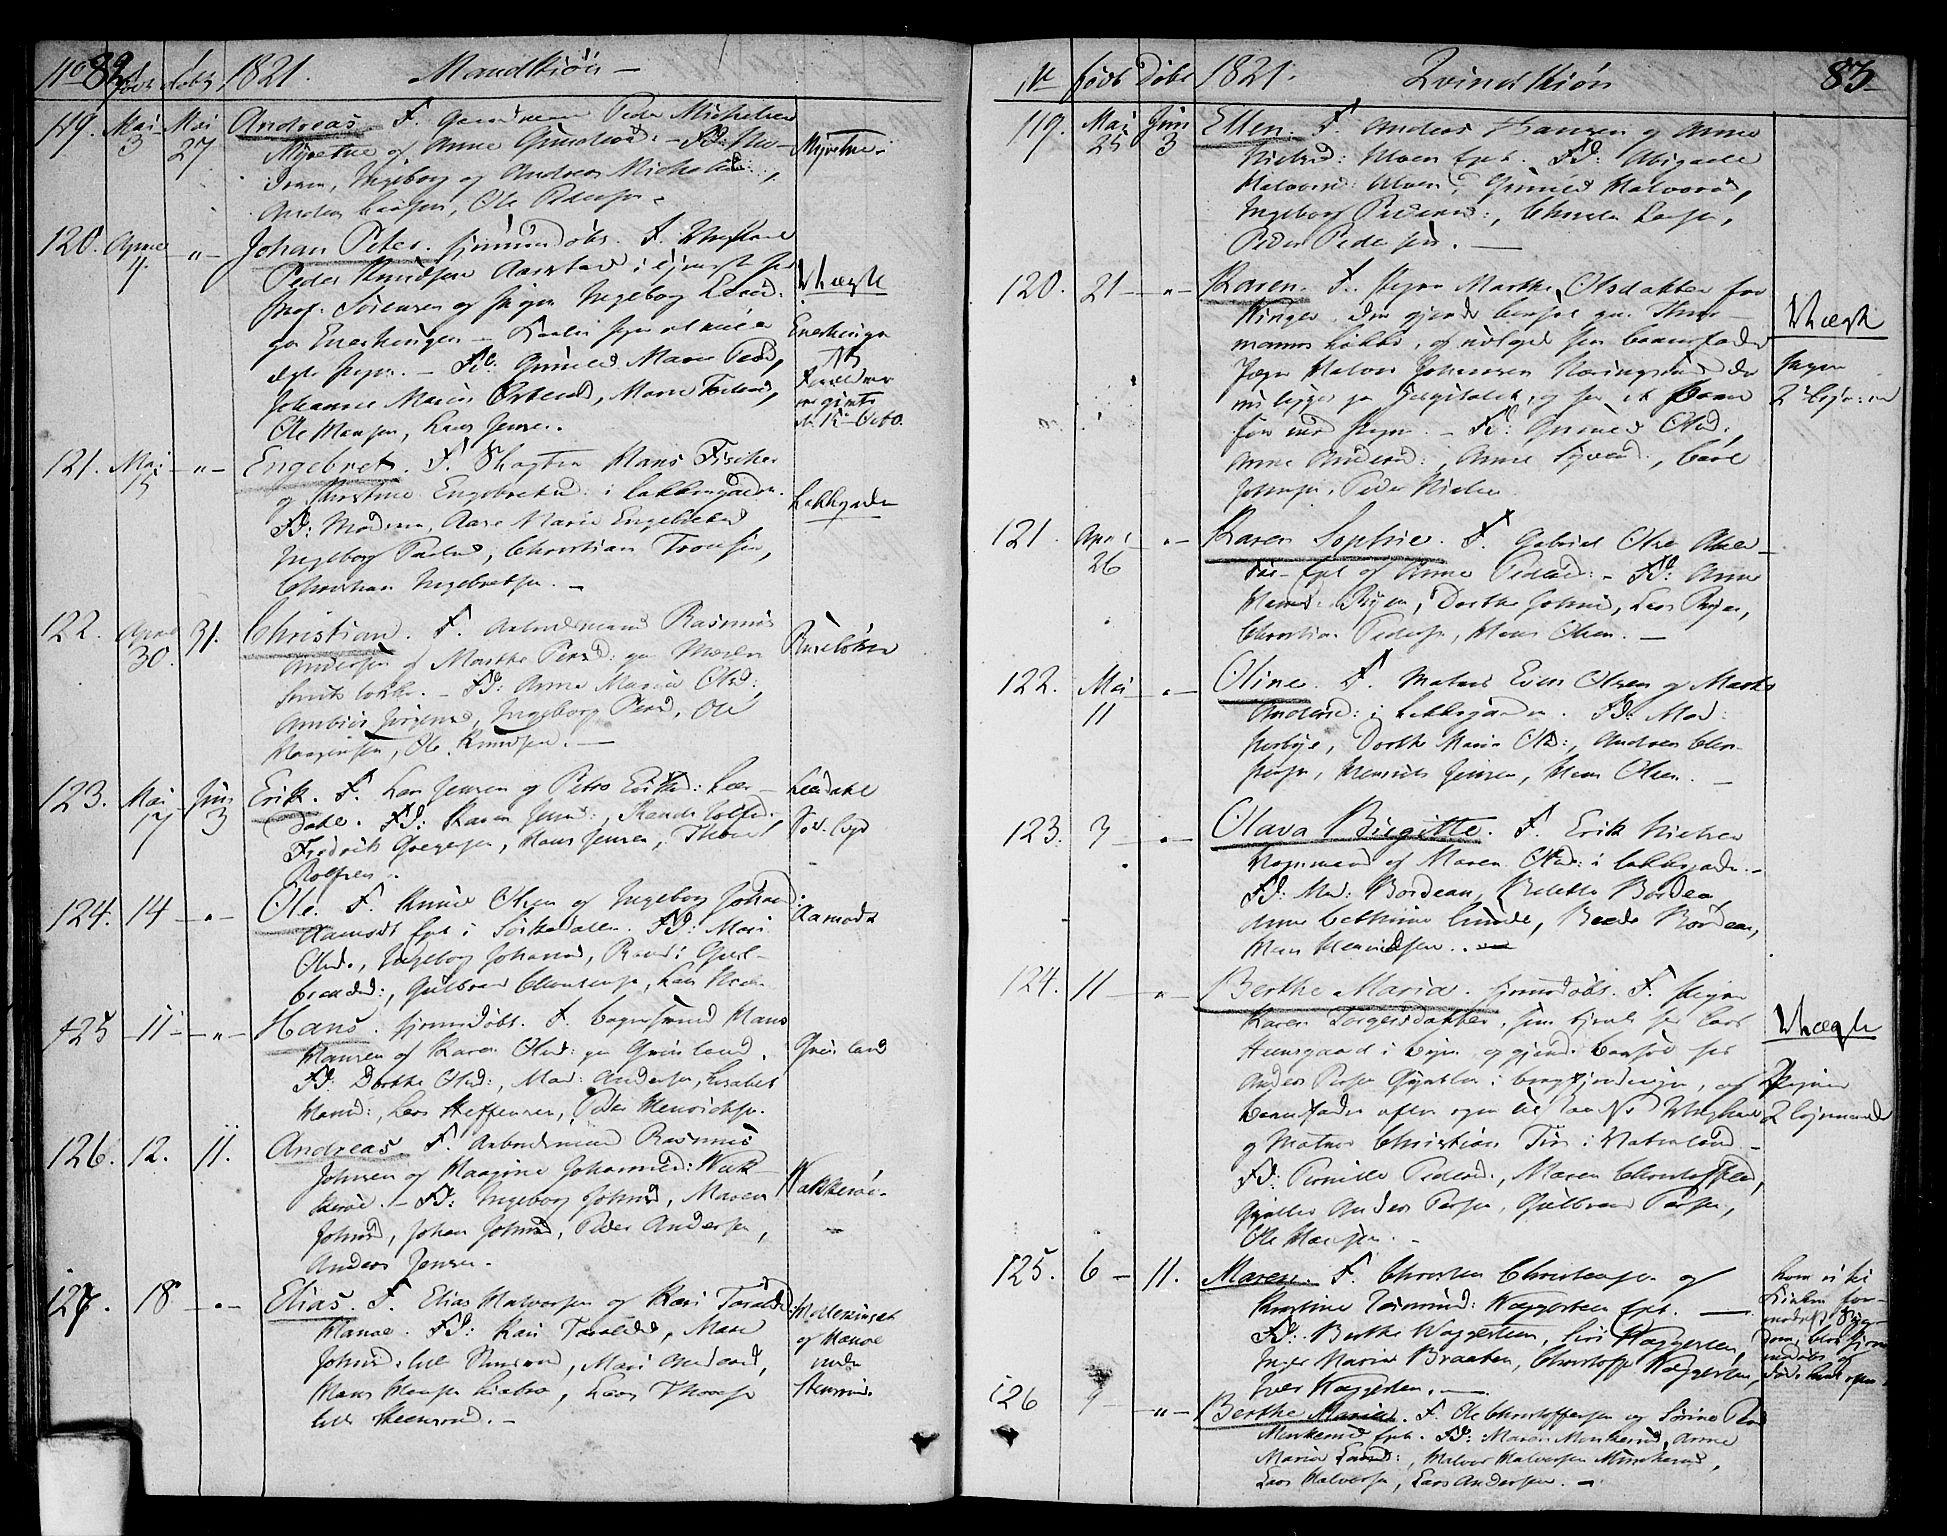 SAO, Aker prestekontor kirkebøker, F/L0012: Ministerialbok nr. 12, 1819-1828, s. 82-83